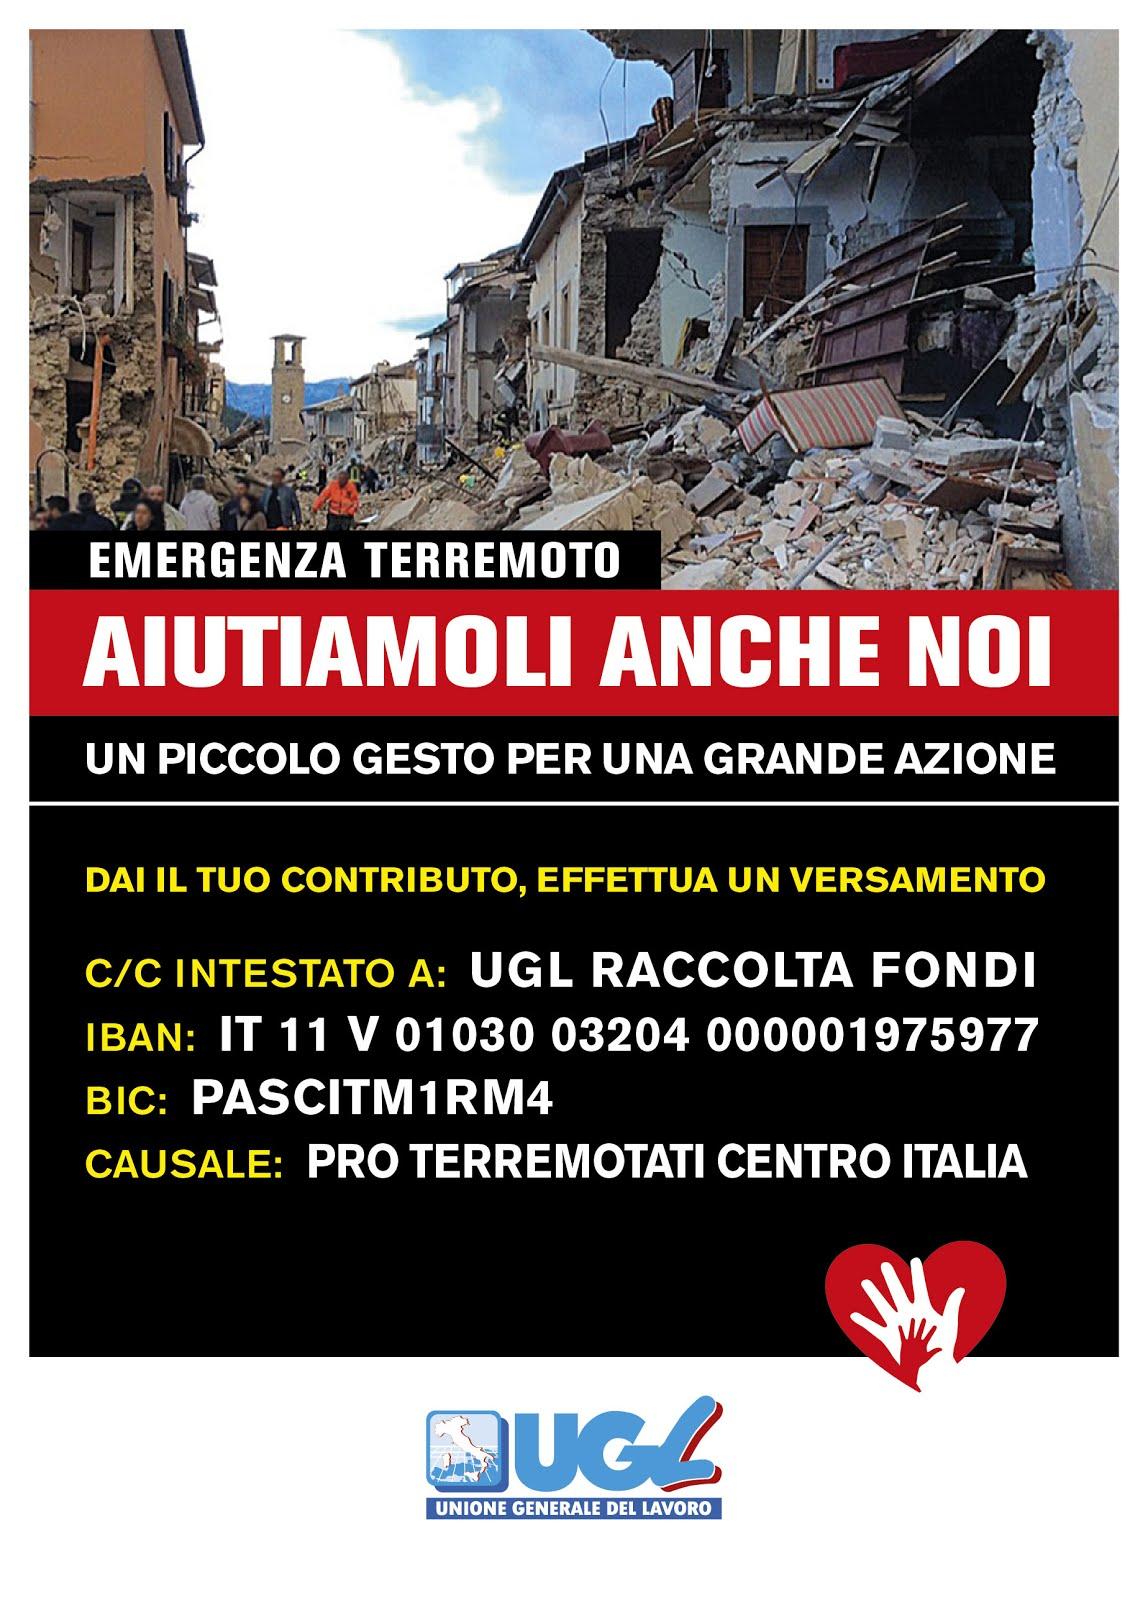 raccolta fondi pro terremoto